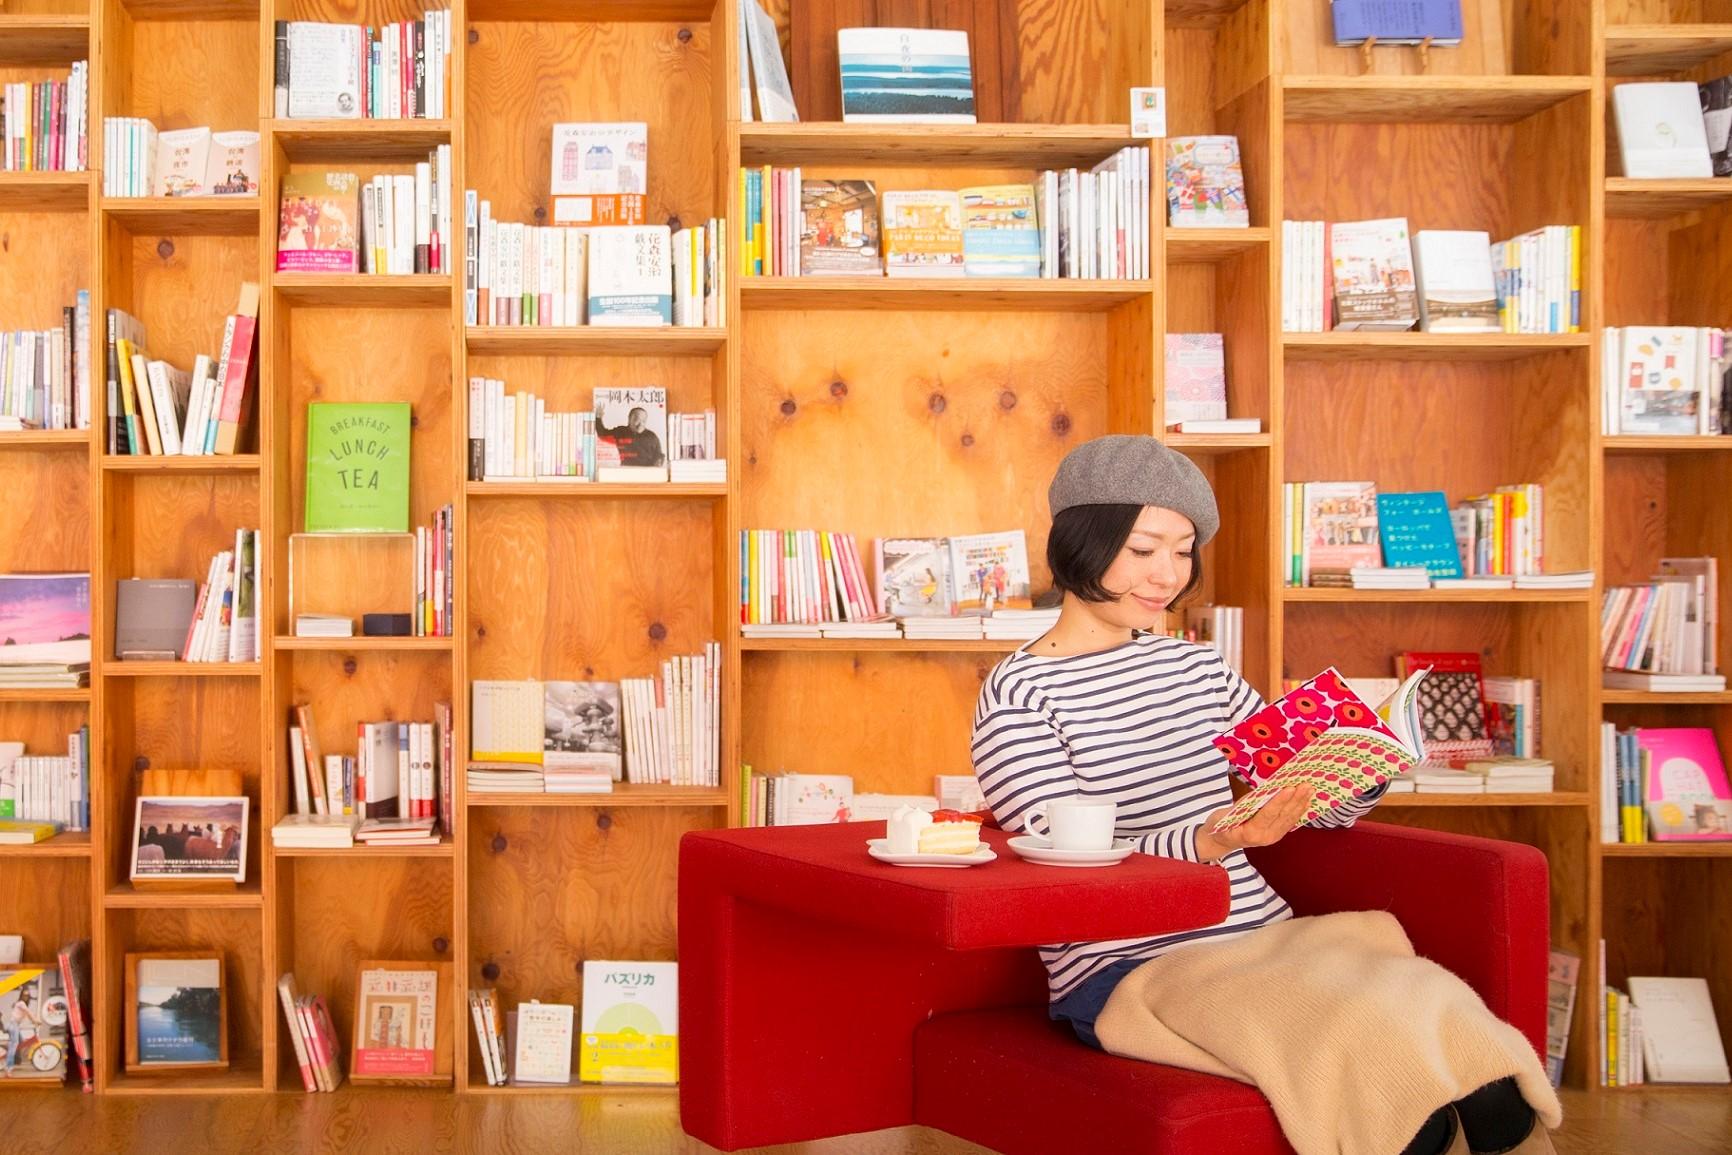 アート系、デザイン系の本も充実。お茶を飲みながらゆっくり過ごせる